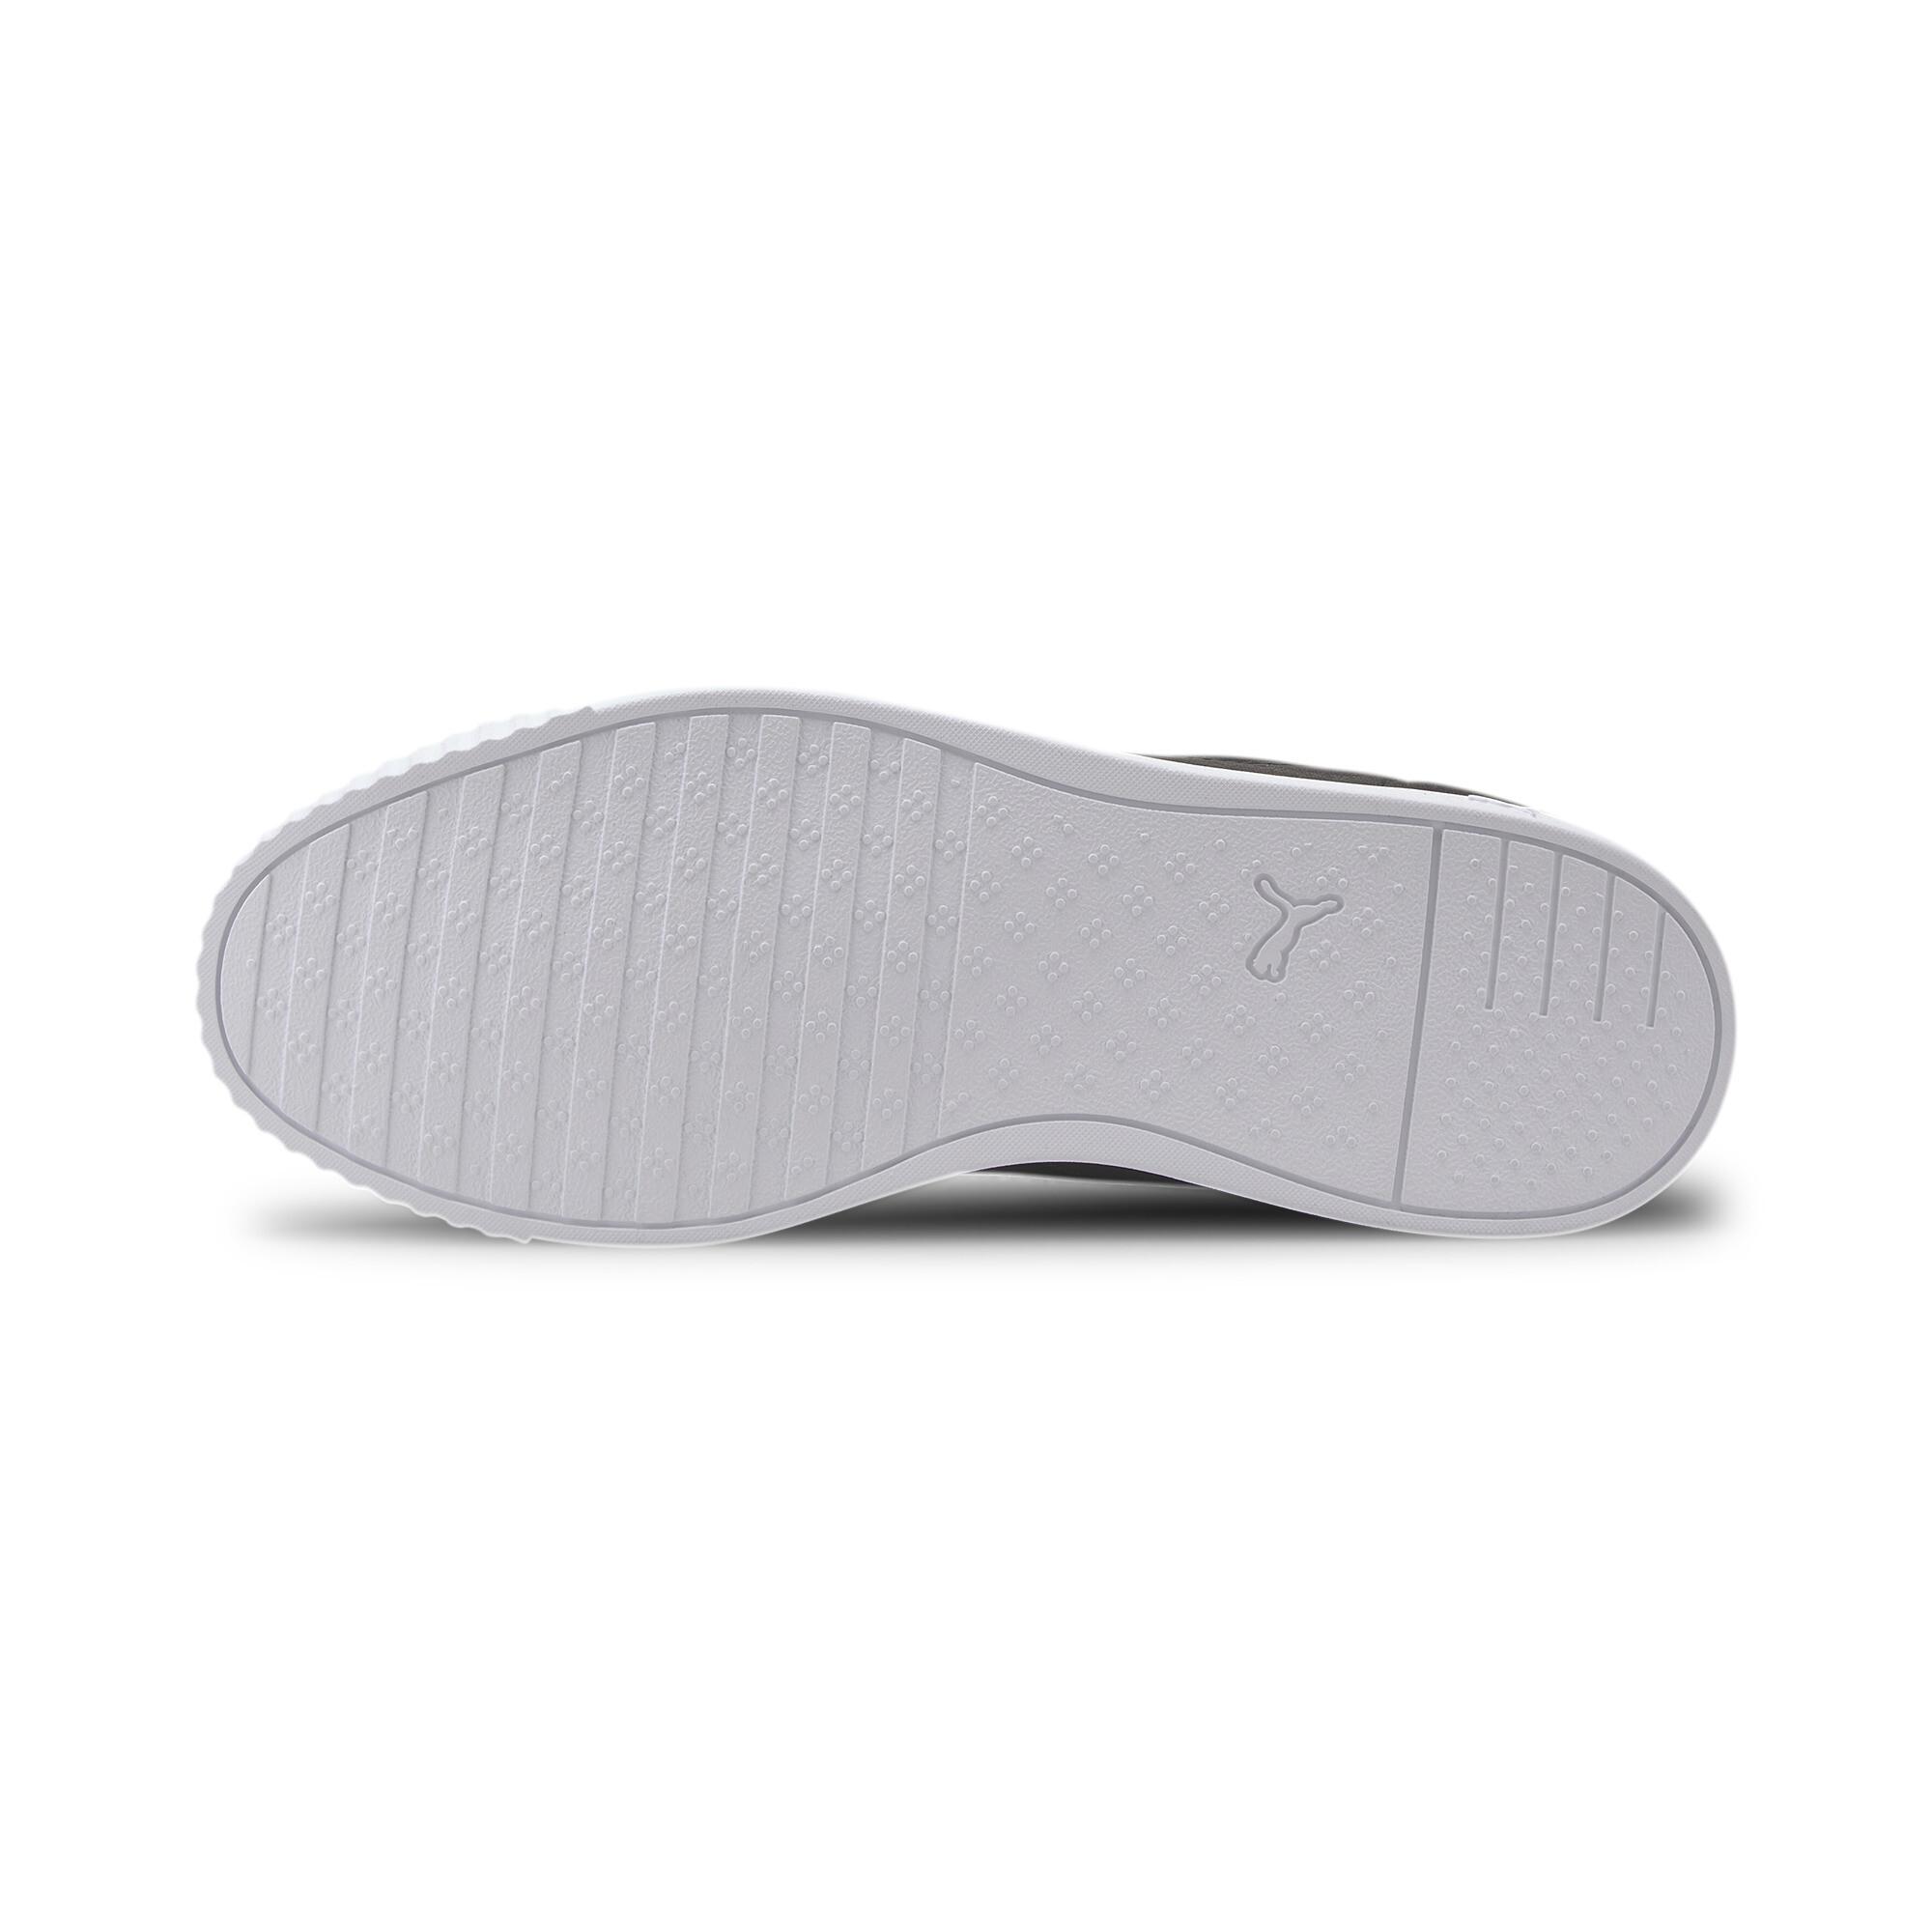 PUMA-Women-039-s-Carina-Slim-Veil-Sneakers thumbnail 13